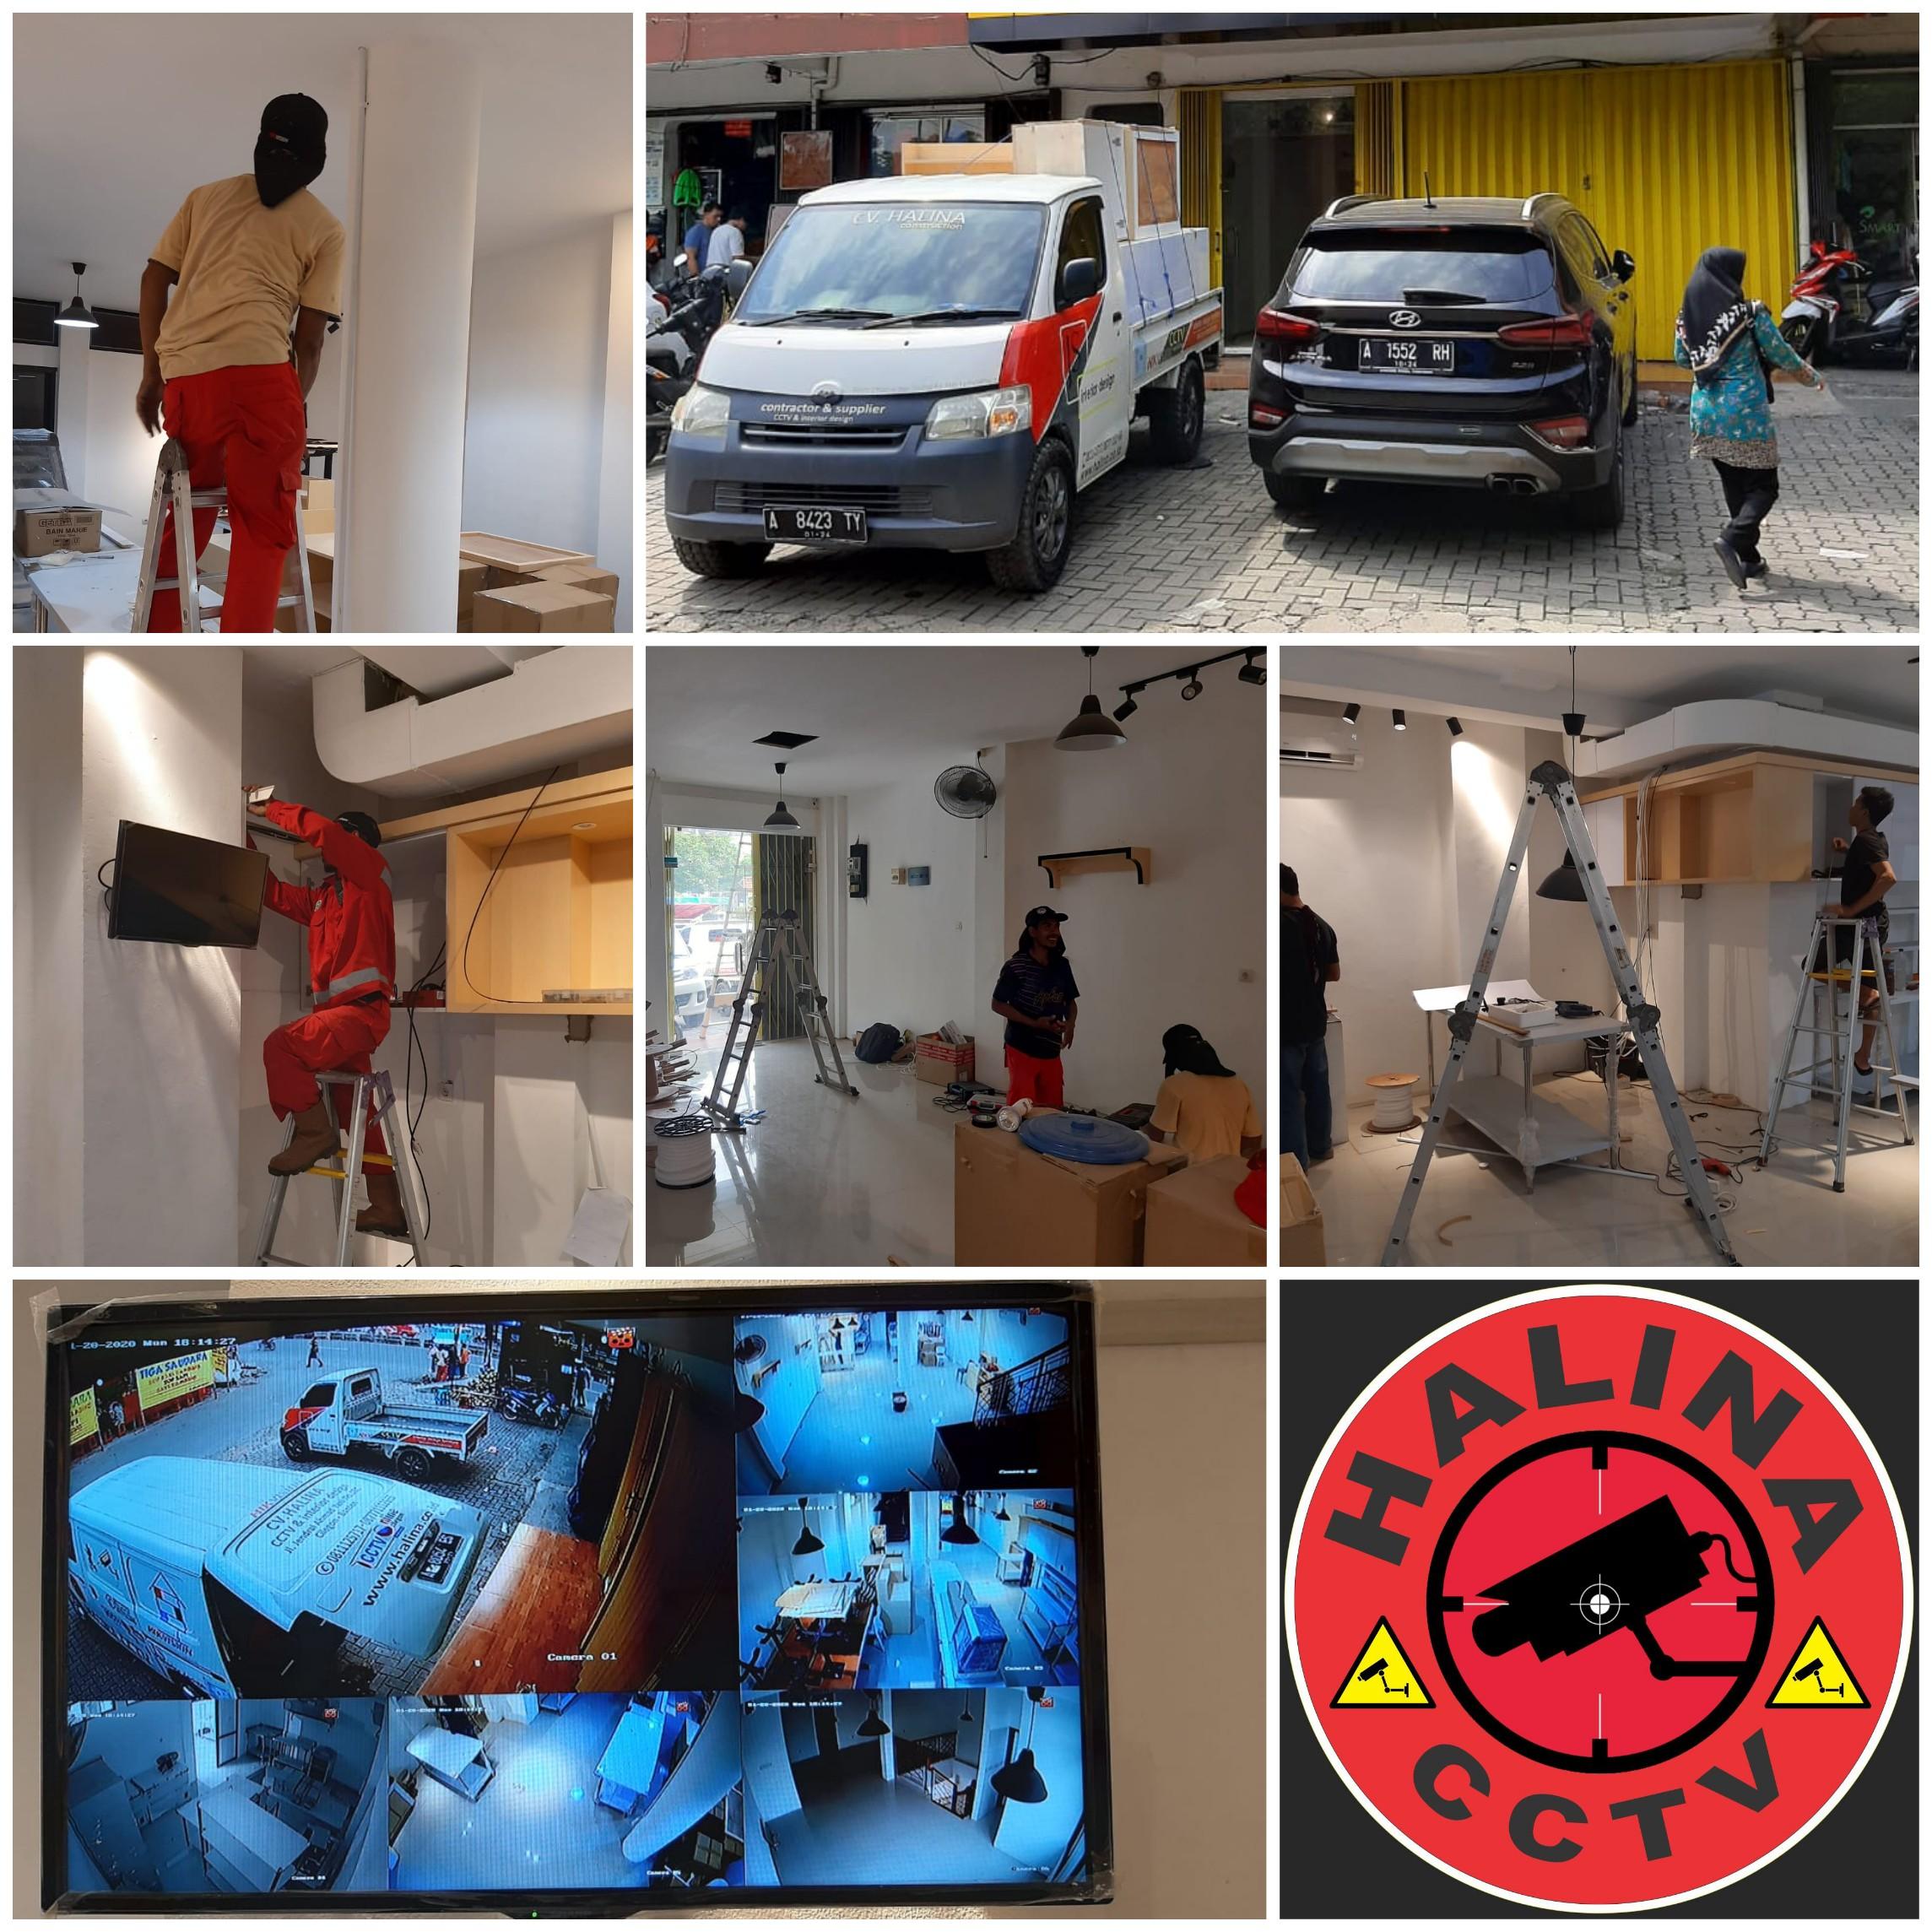 TOKO JASA PEMASANAGN CCTV MURAH DAERAH CILEGON BANTEN DAN SEKITAR NYA (JANUARI 2020)